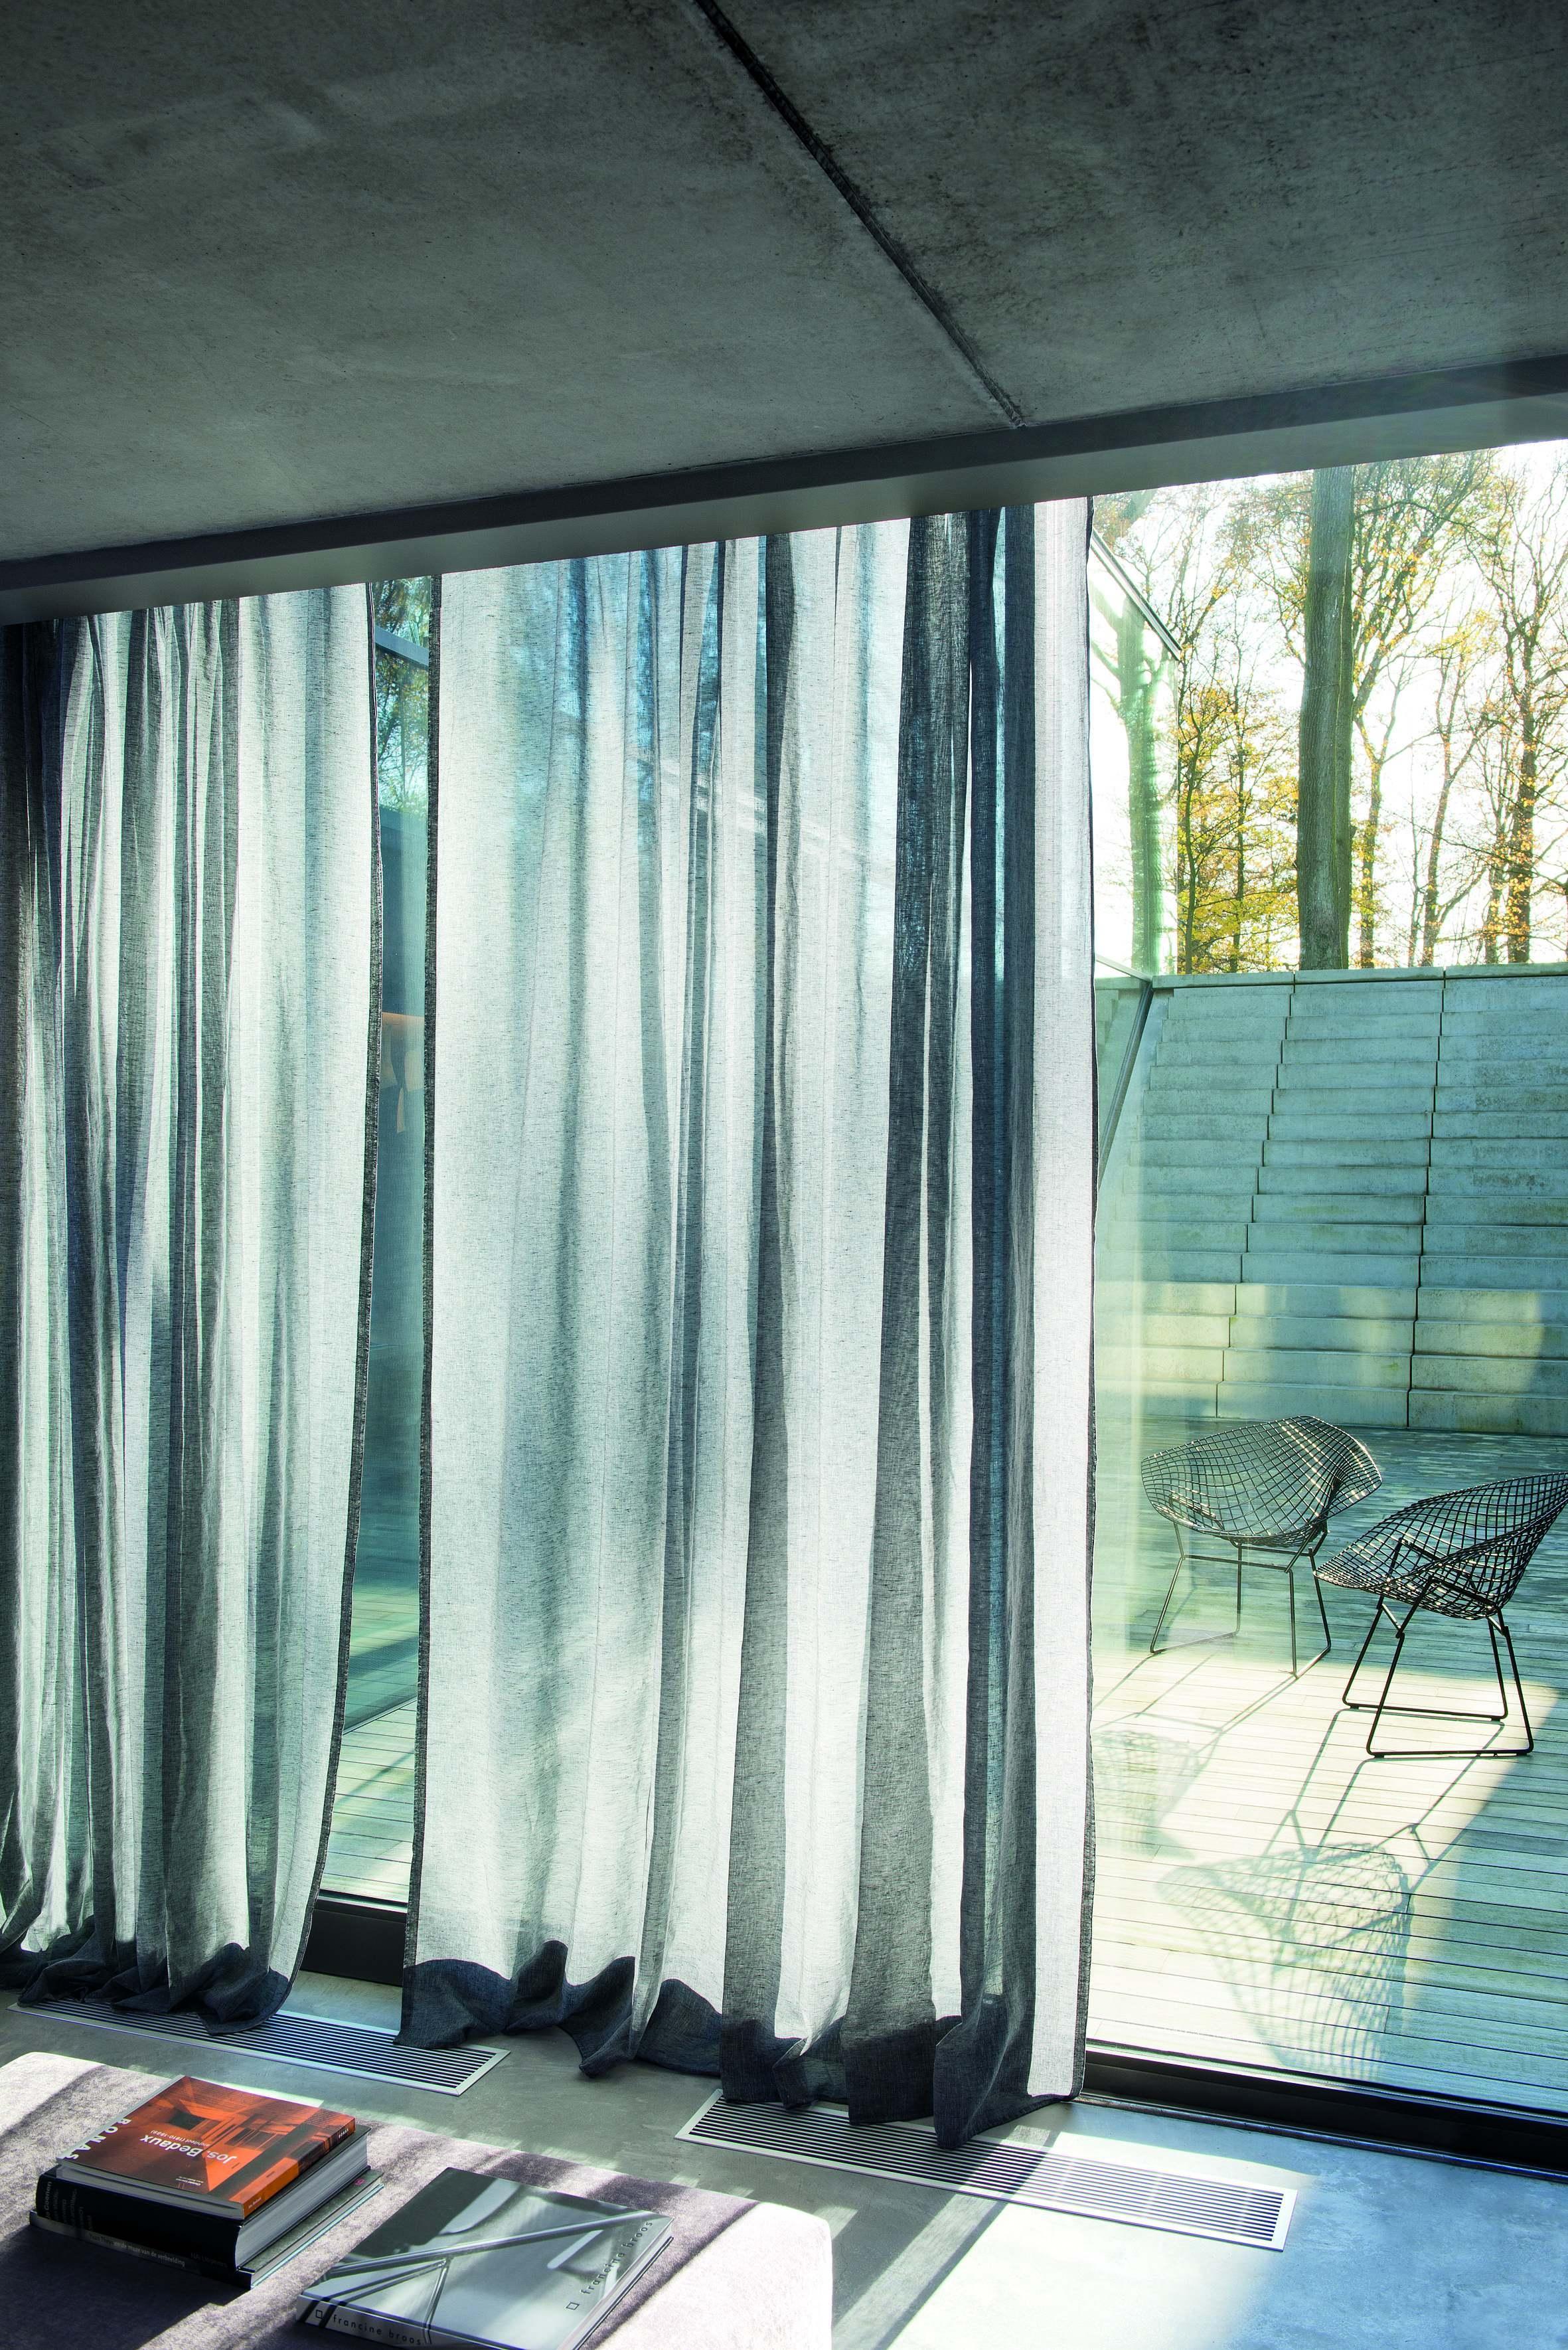 http://www.michielswoonstijl.nl/wp-content/uploads/gordijnen-Gentle-roomsetting-LR.jpg